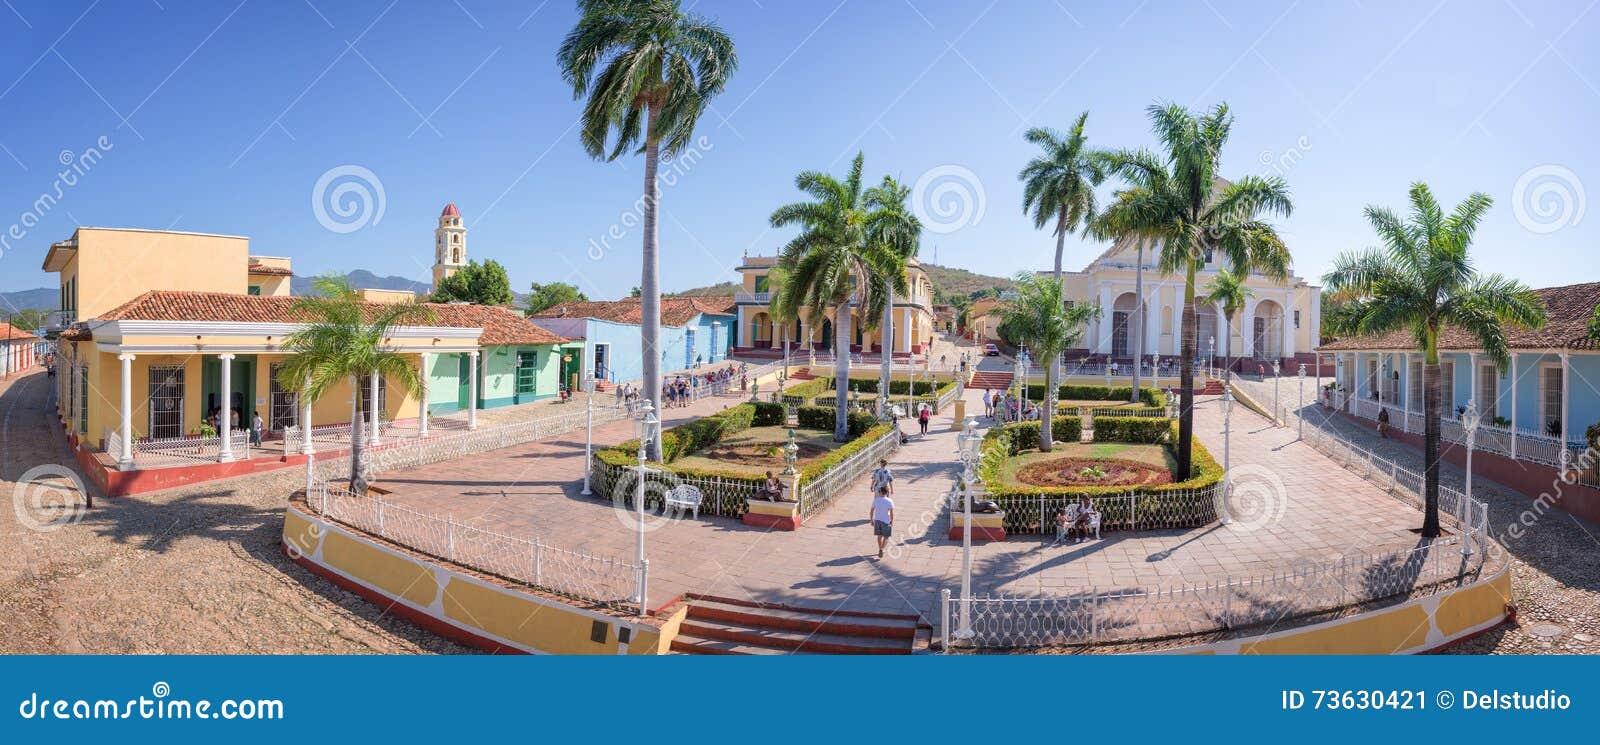 Panorama placu Mayor, Trinidad, Kuba